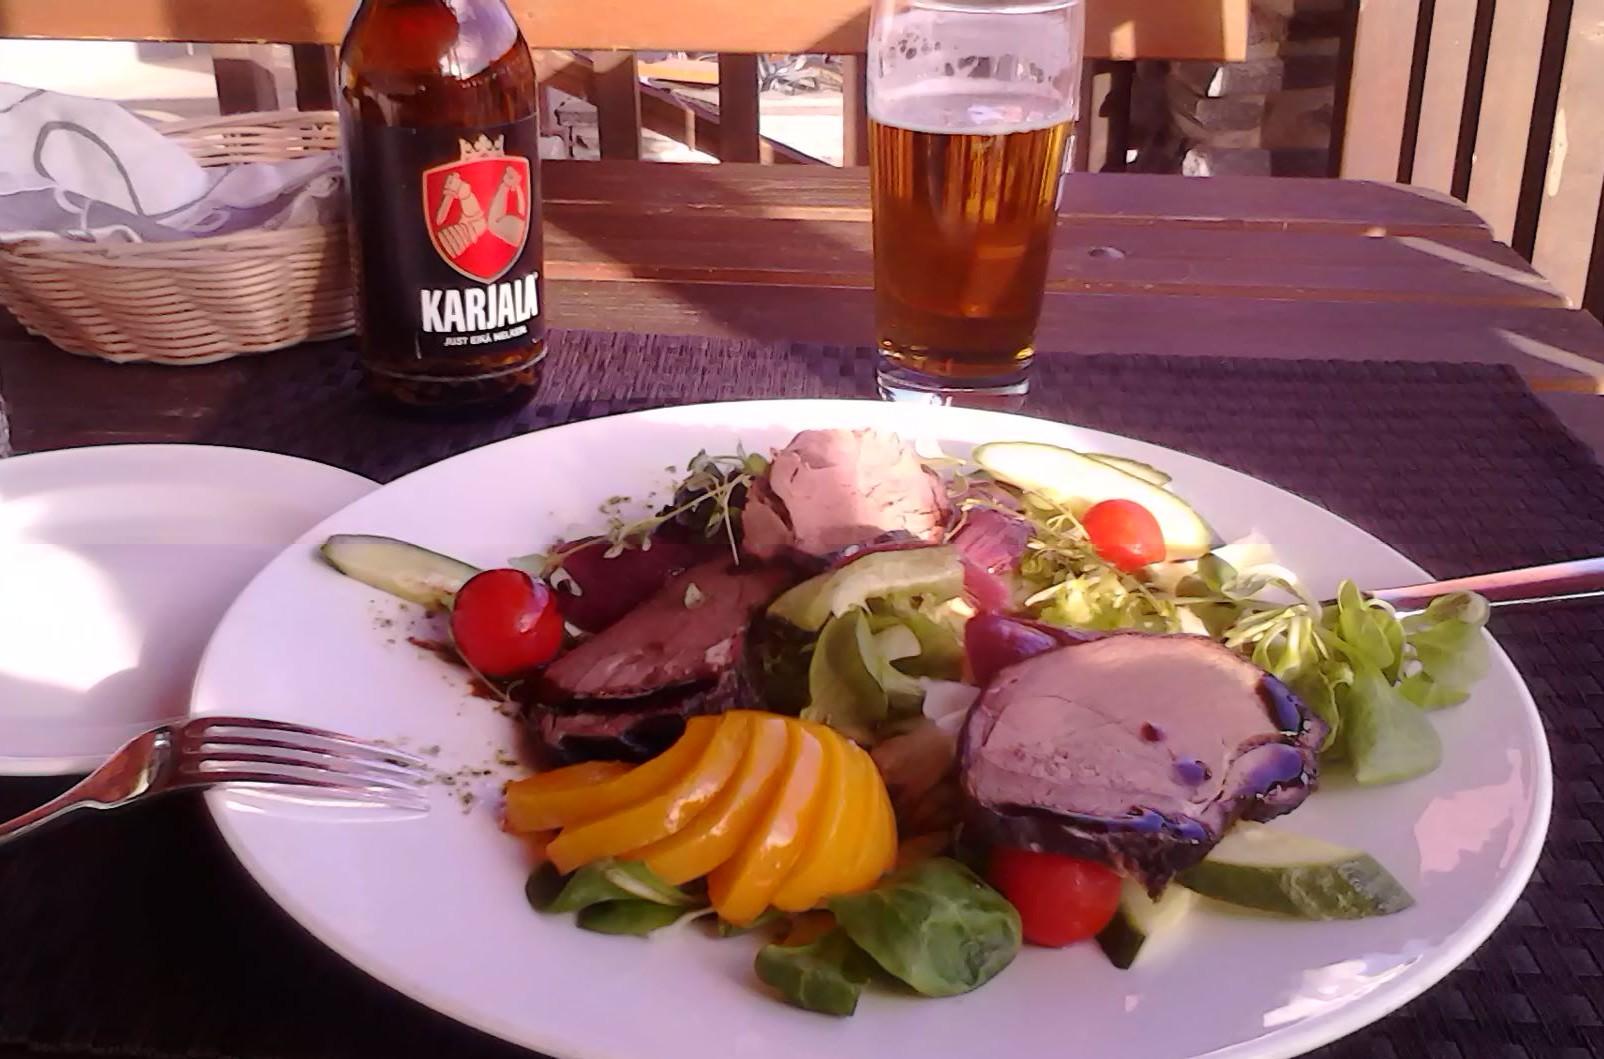 Carne de reno con verduras y mermelada de arándanos